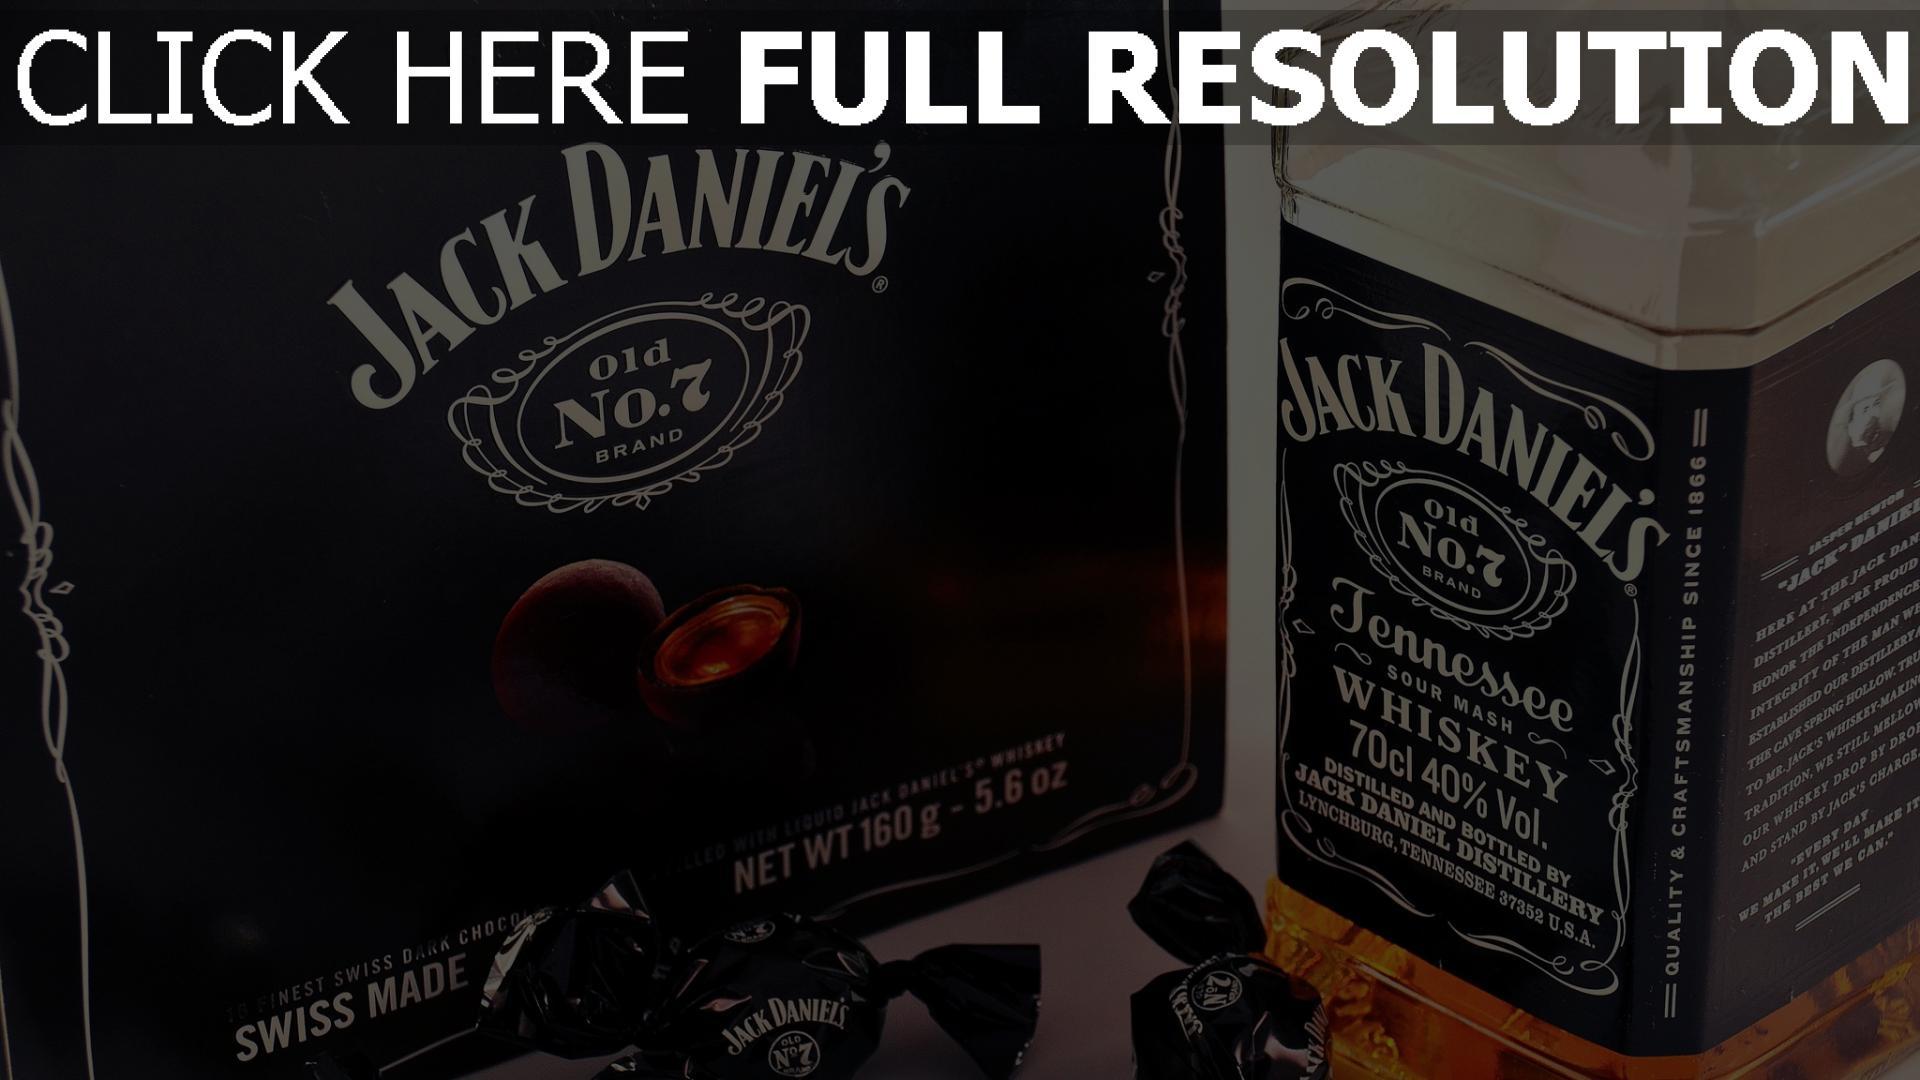 hd hintergrundbilder jack daniels alkohol whisky flasche süßigkeiten 1920x1080